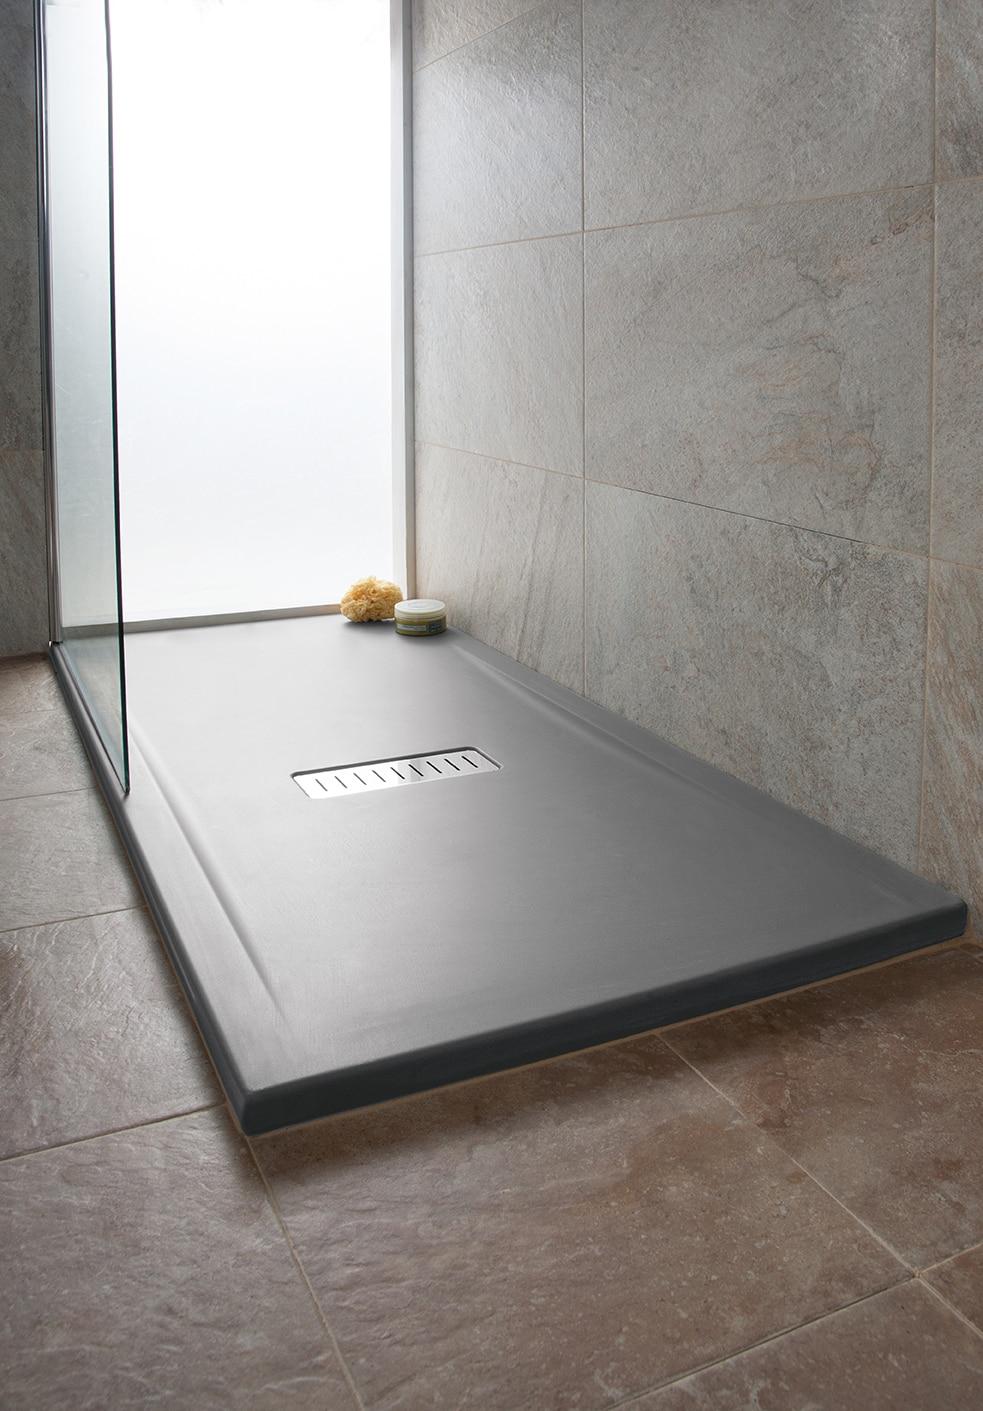 Acquabella Aprende a medir el plato de ducha para elegir la mampara adecuada  Reformas Hechas Por Leroy Merlin Decoración Del Hogar Prosalo.com Duchas a  ... ca089318b9c2